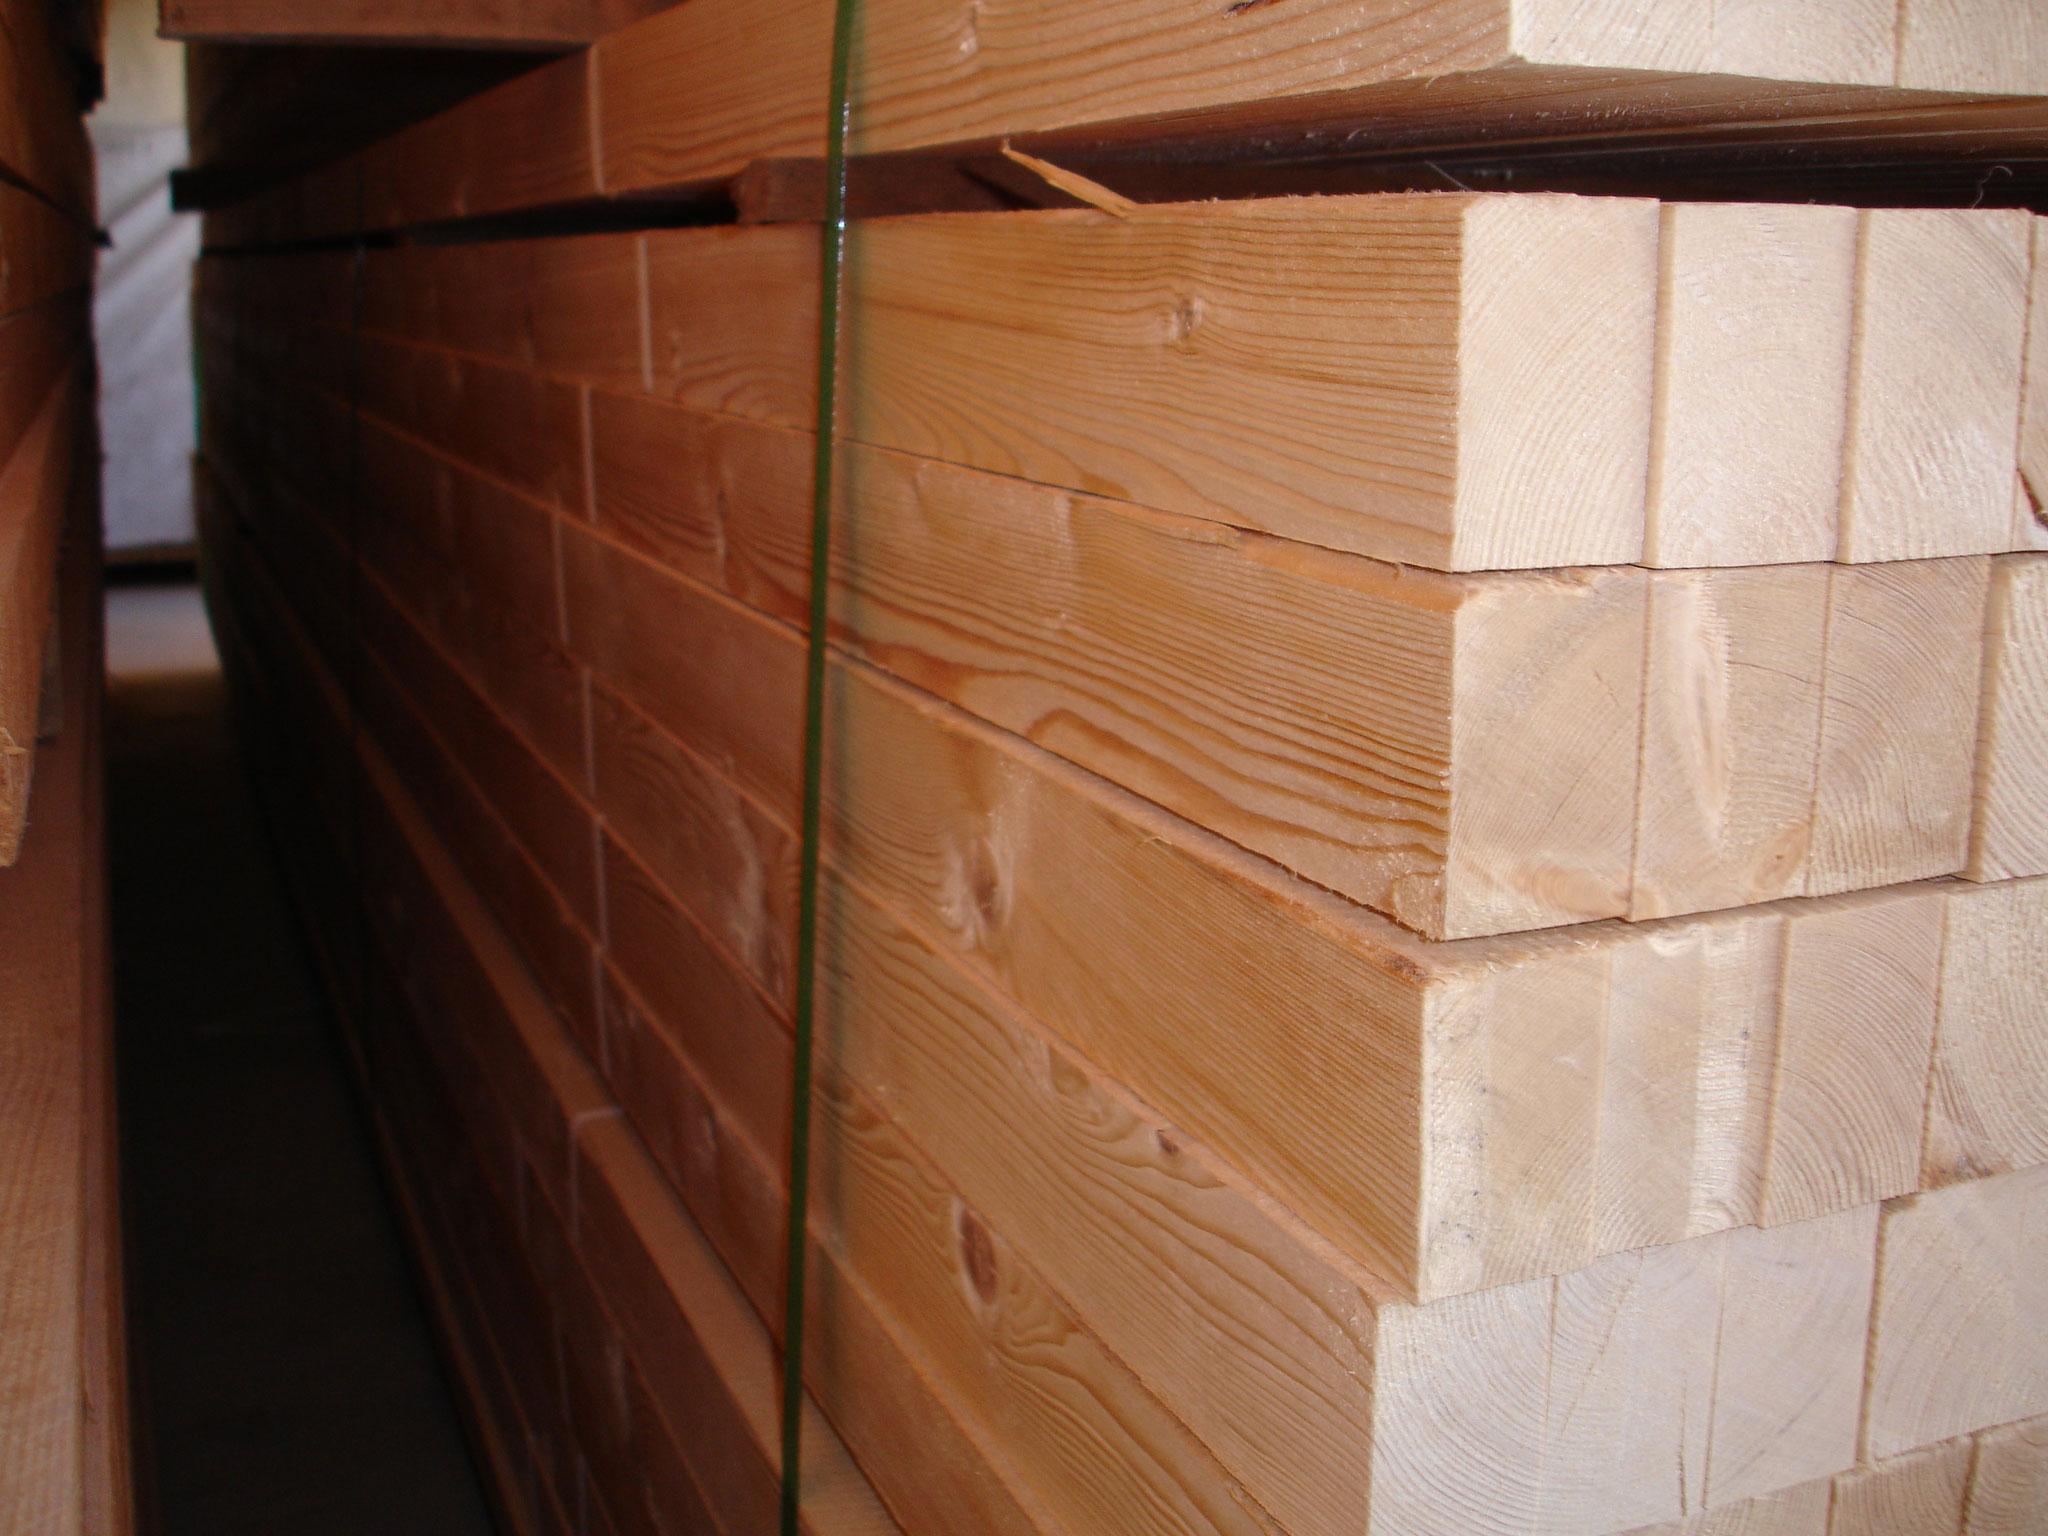 Vigas de madera laminada precio fabulous vigas de madera - Vigas madera precios ...